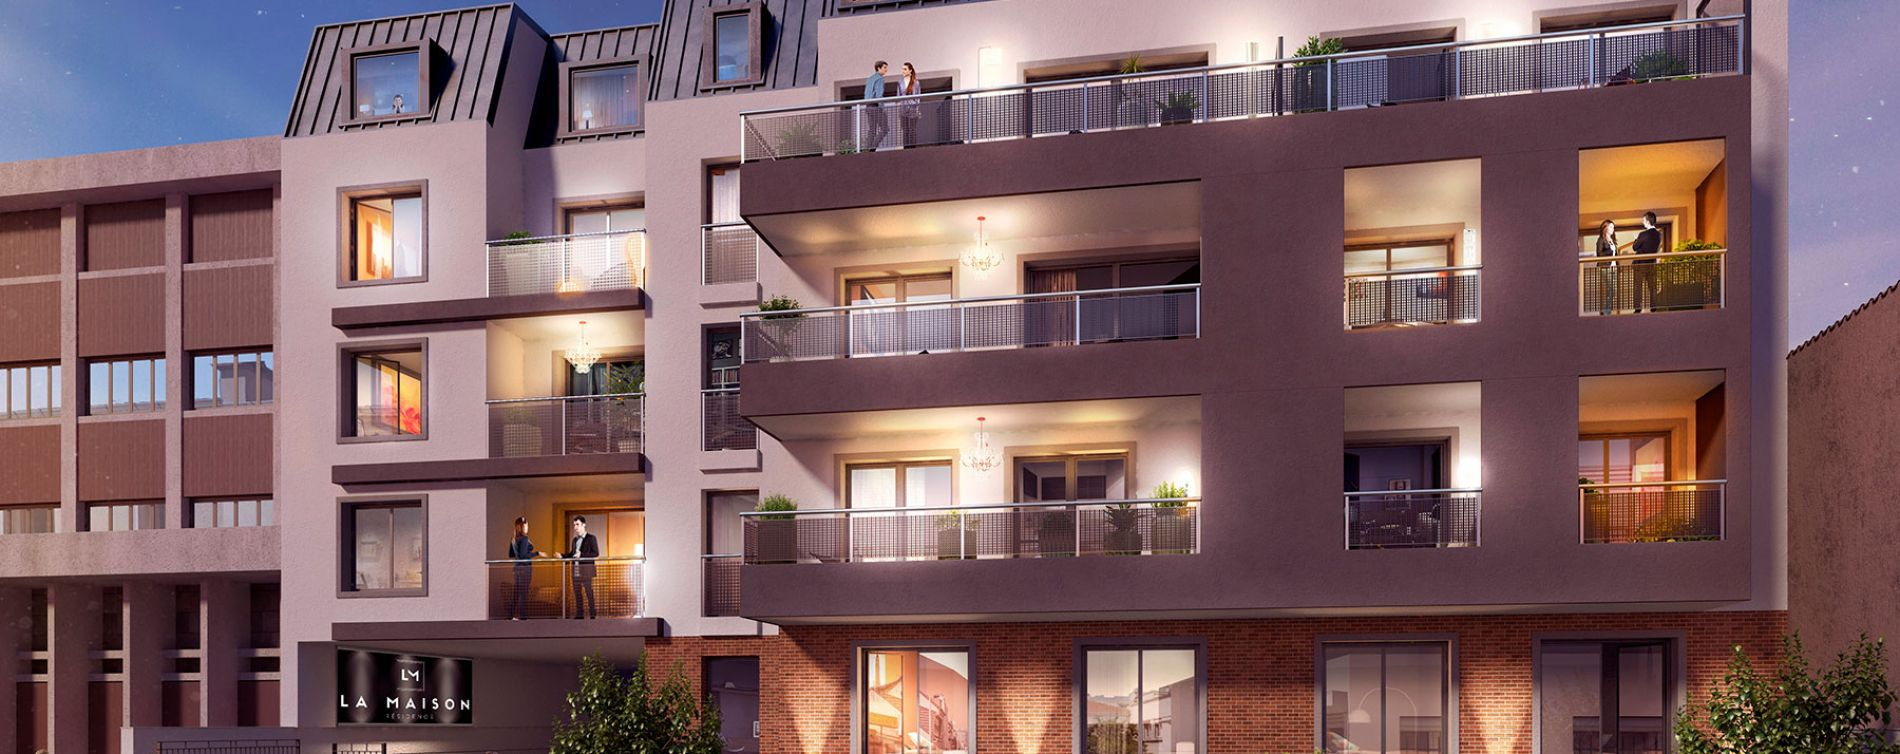 Alfortville : programme immobilier neuve « La Maison »